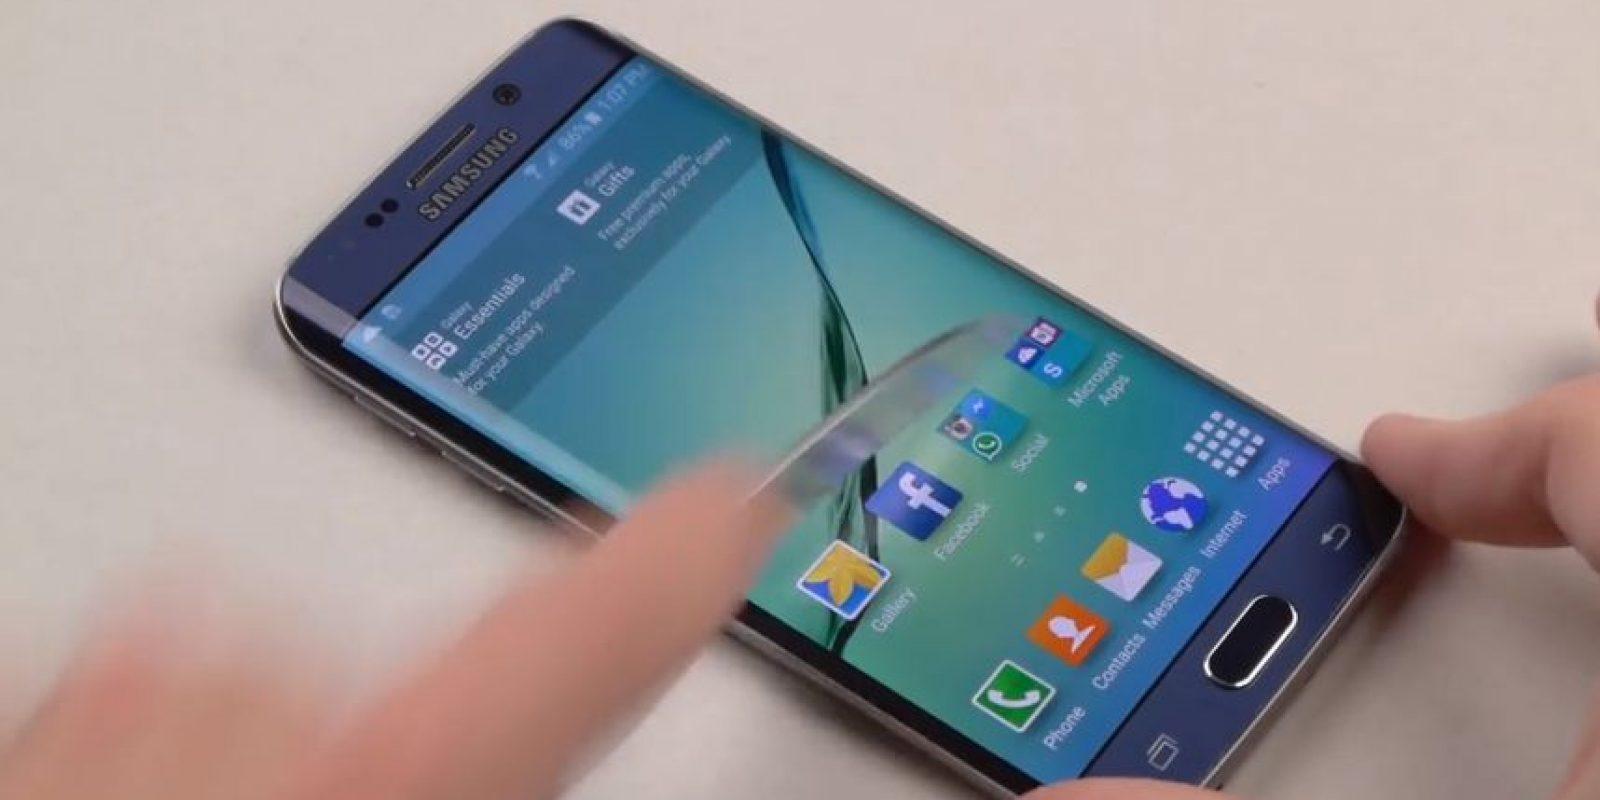 Un cuchillo en el Samsung Galaxy S6 Edge. Foto:TechRax